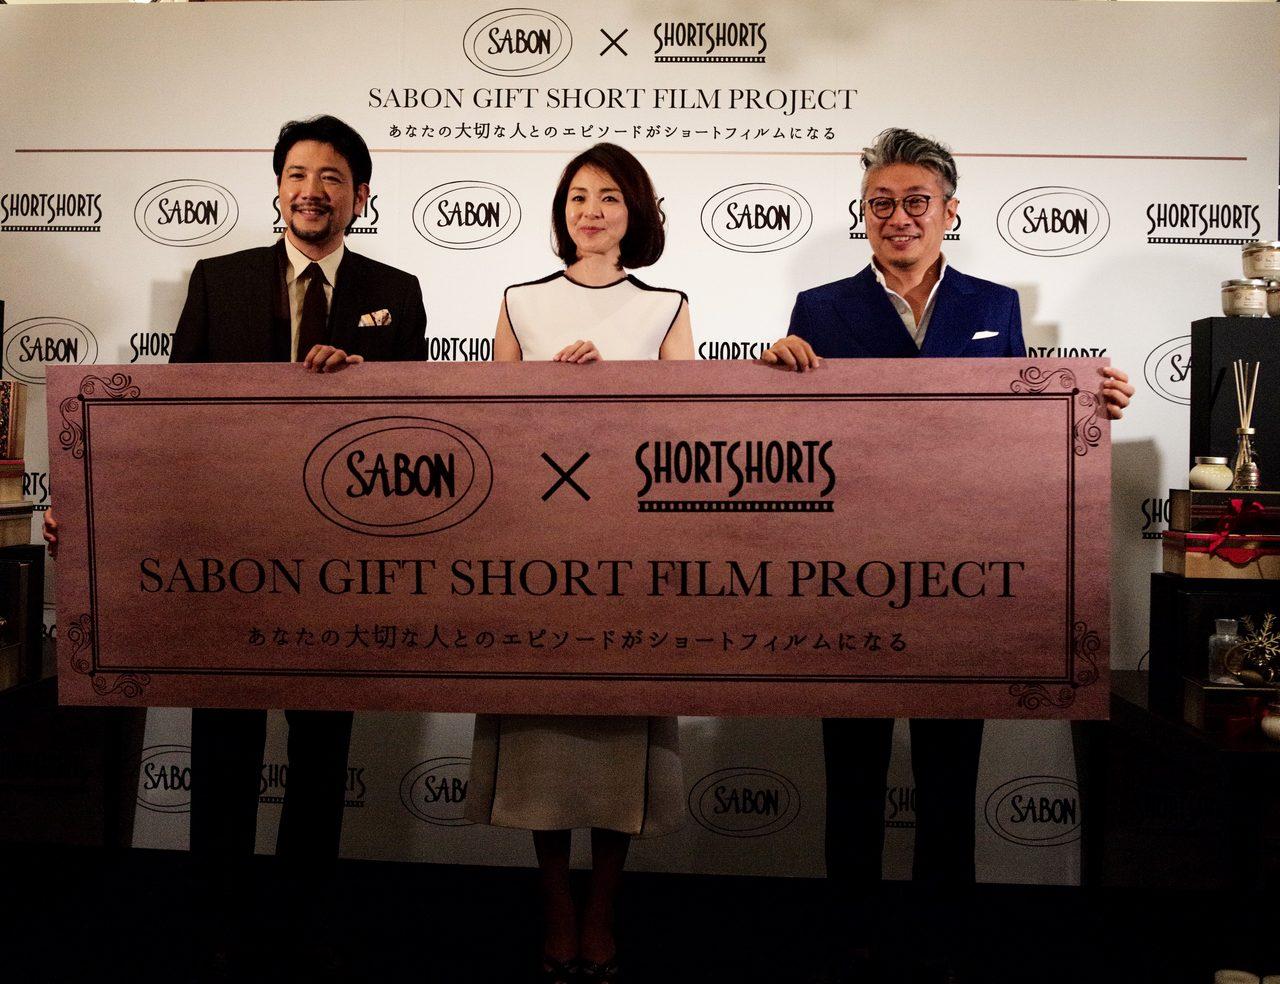 画像: 左から、ShortShortの代表を務める俳優の別所哲也さん。ゲストのモデル SHIHOさん。SABONの社長 黒石 和宏さん。